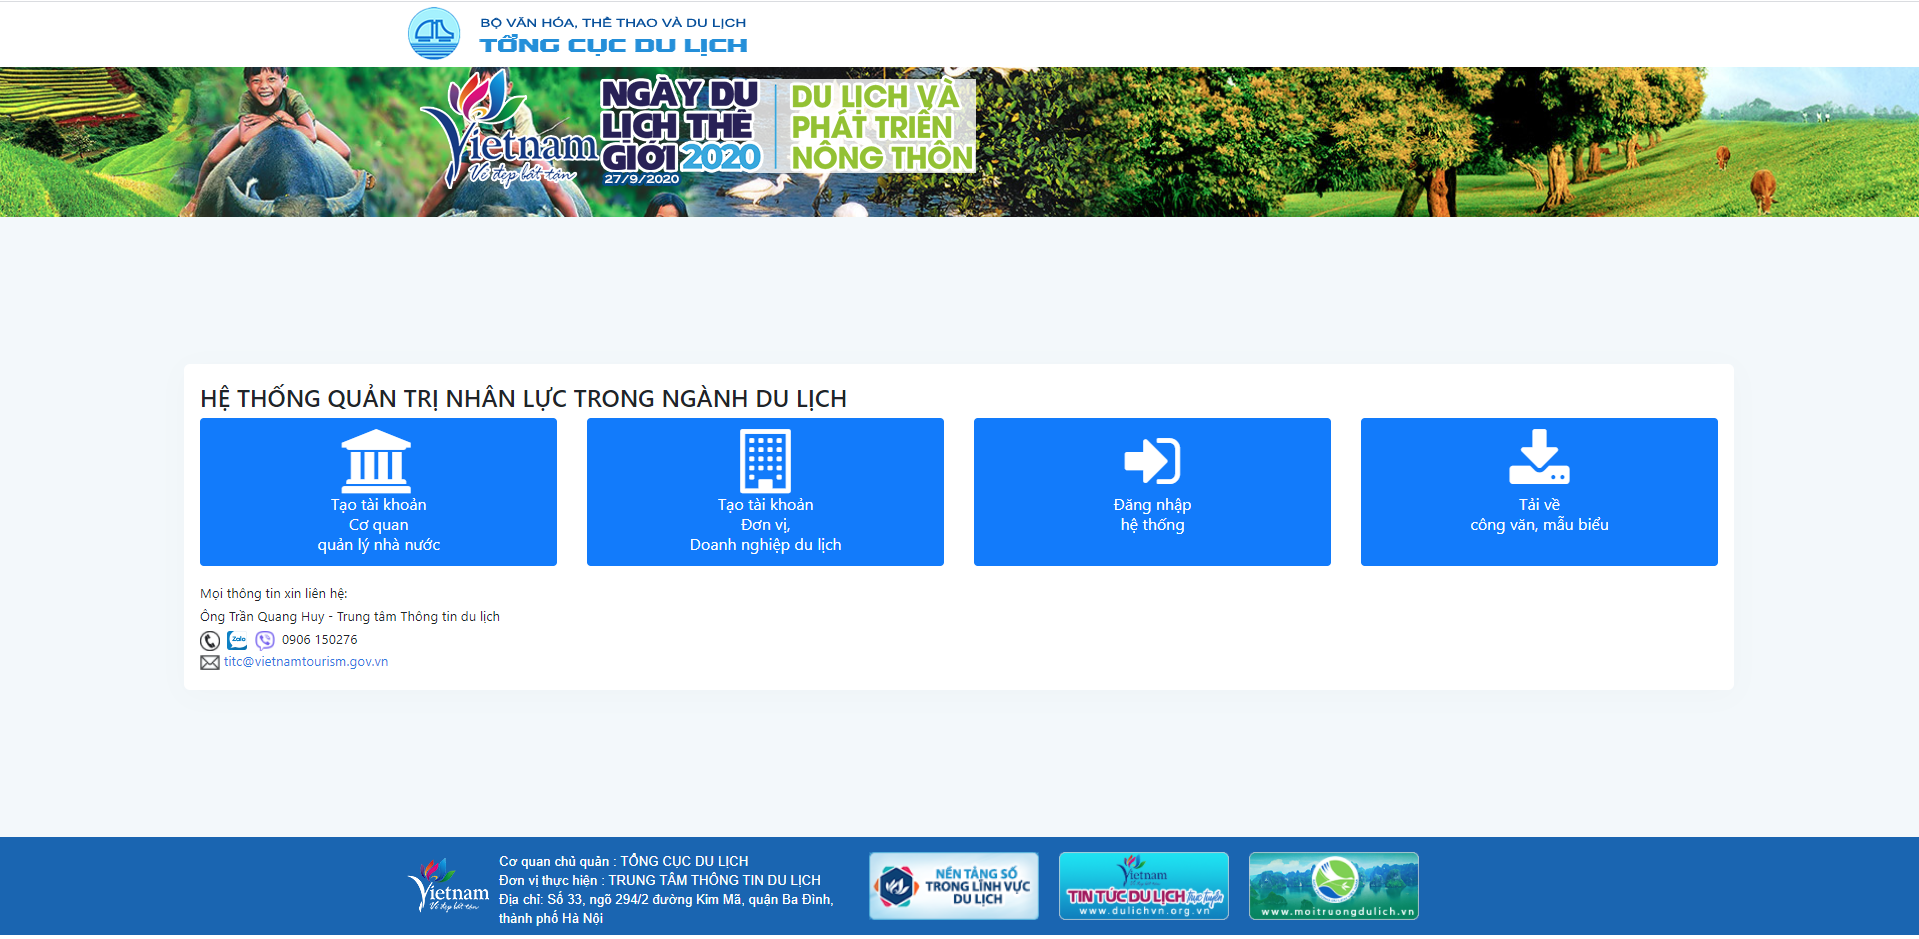 Hướng dẫn cập nhật thông tin trên phần mềm quản trị nhân lực trong ngành du lịch